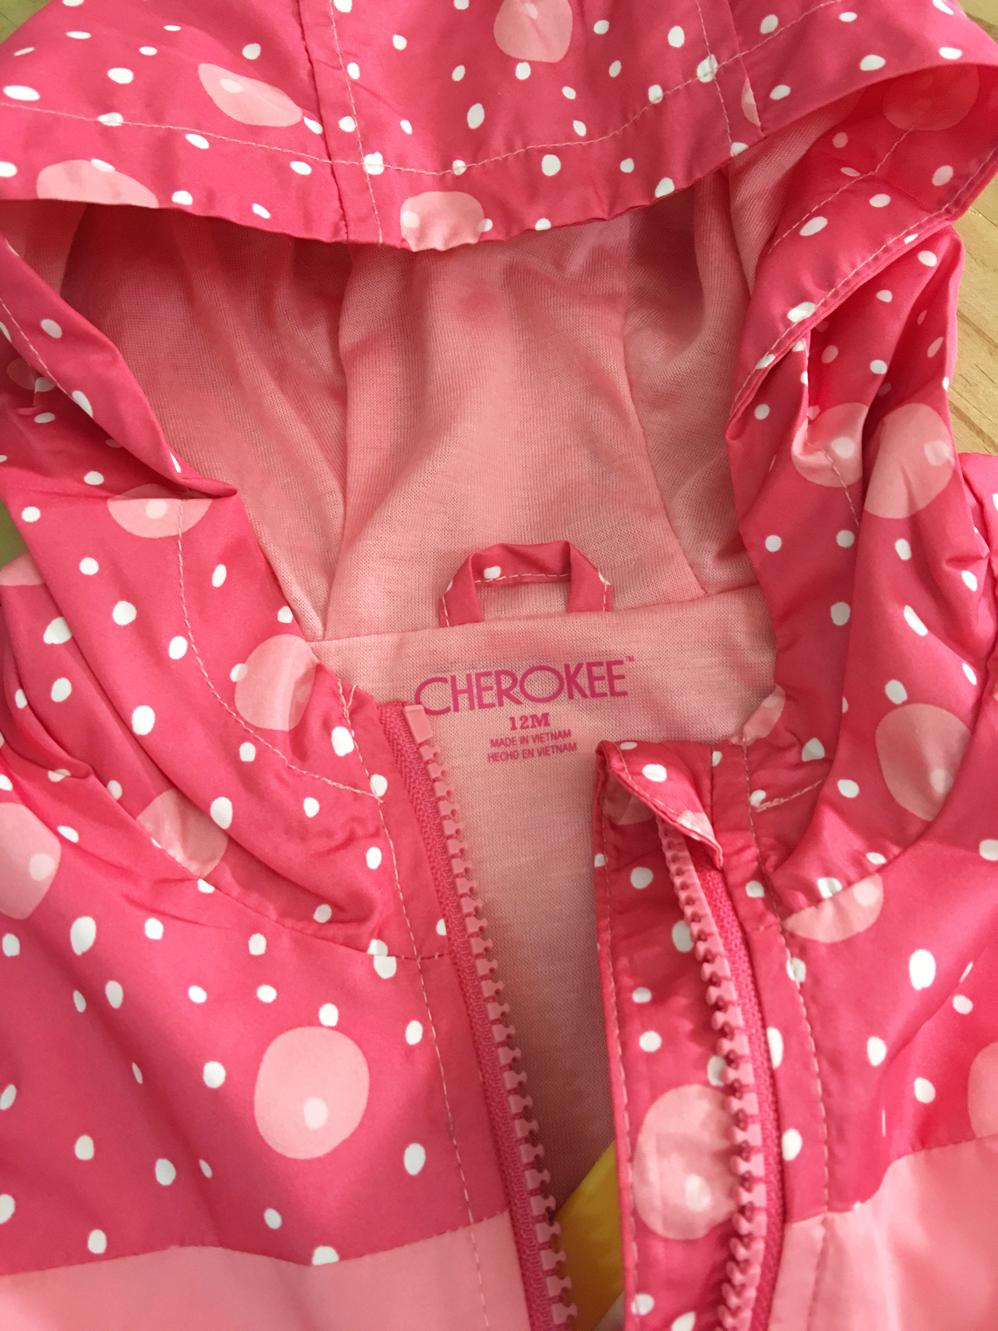 Áo khoác gió bé gái, hiệu Cherokee, xuất xịn, made in vietnam.